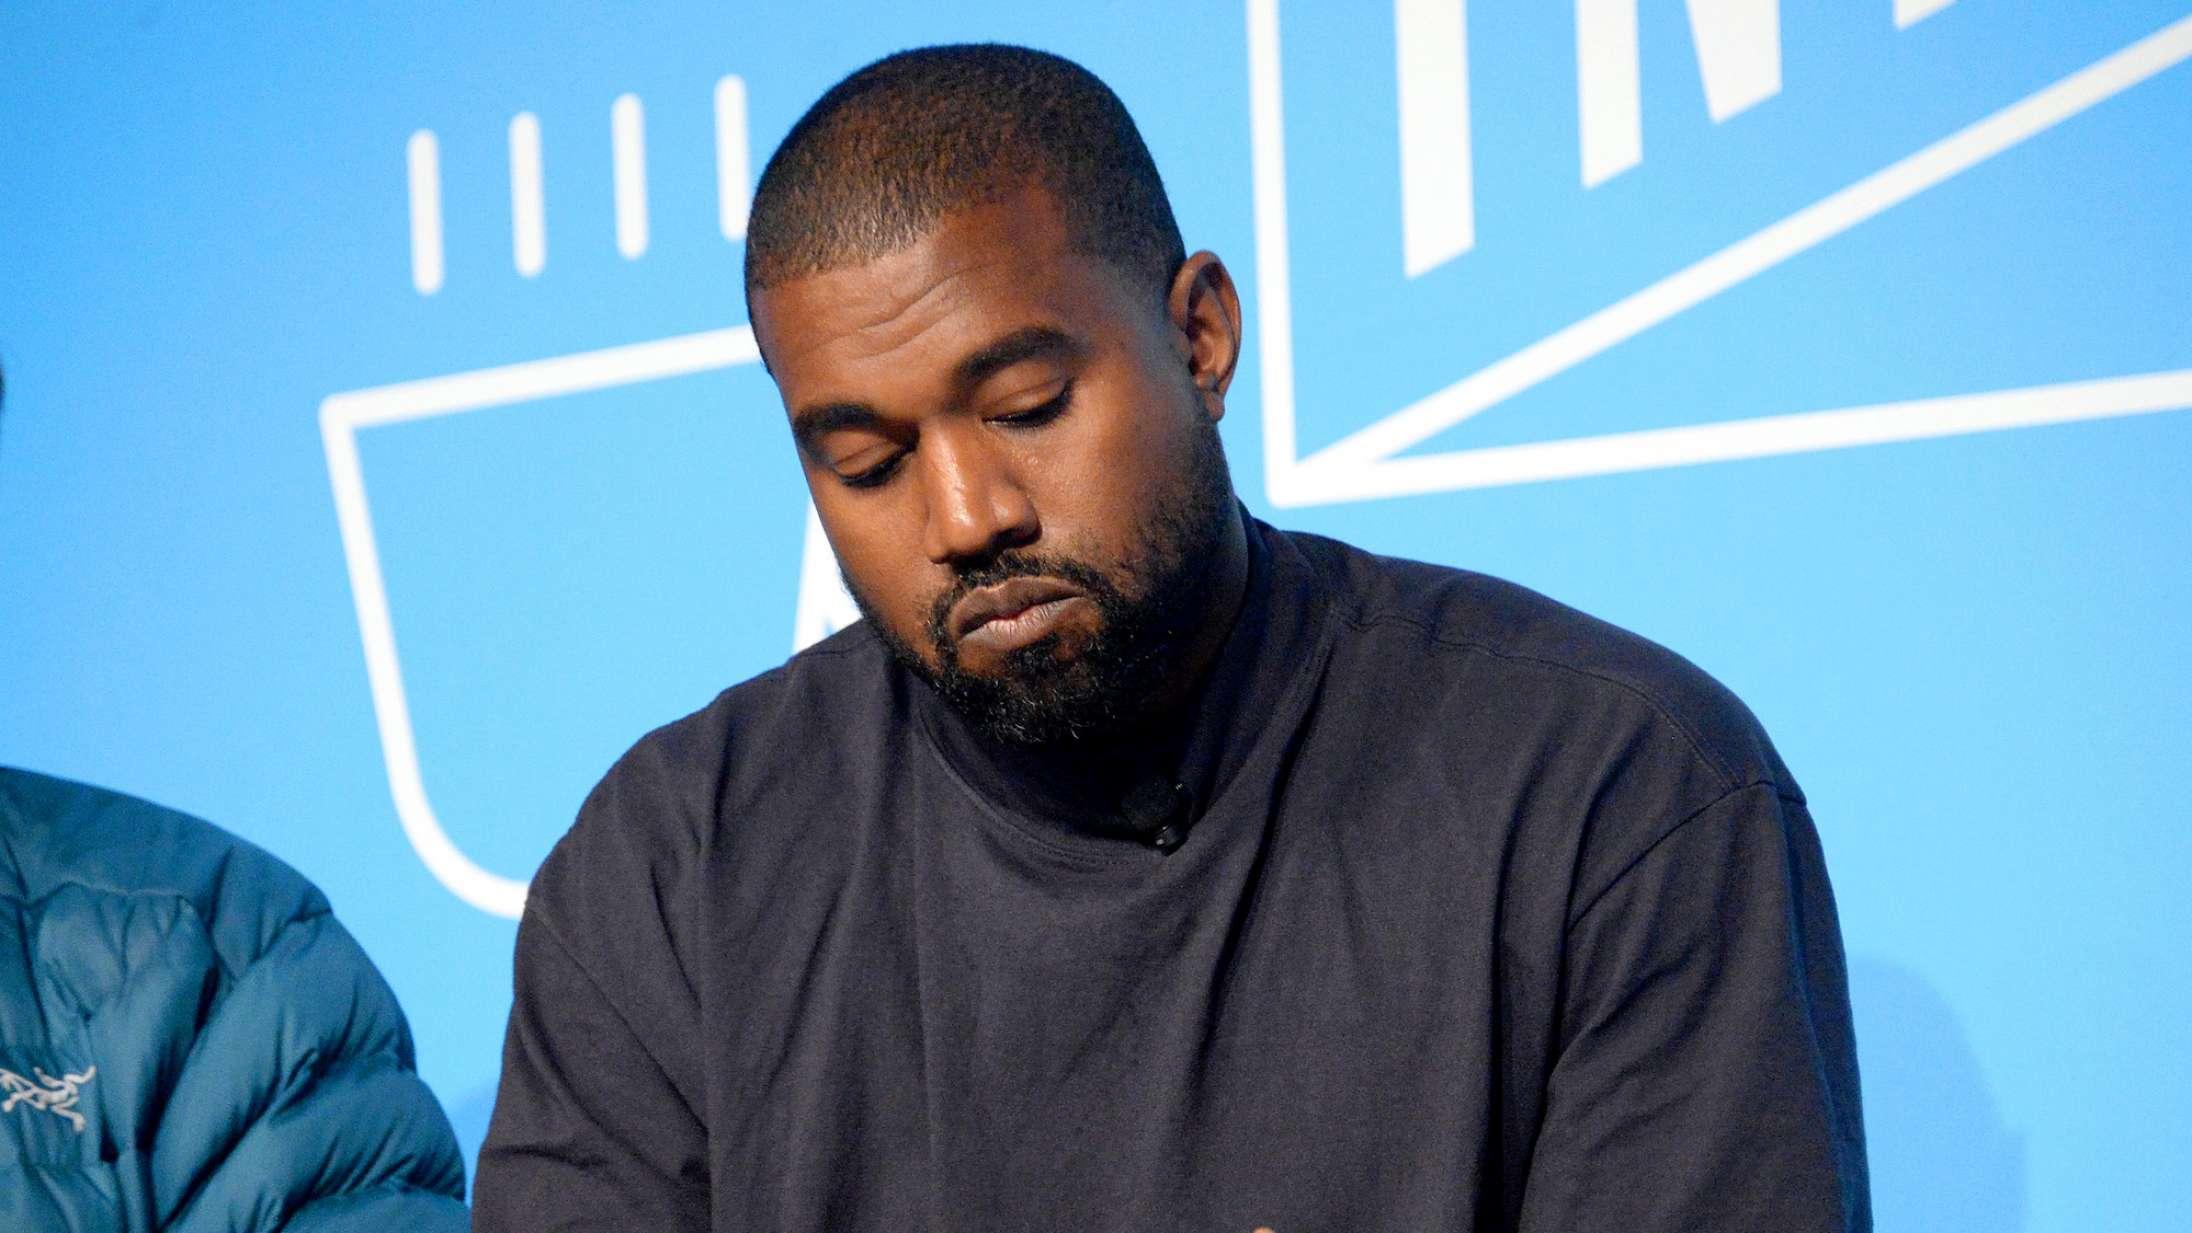 Kanye Wests Yeezy sagsøger praktikant for tre millioner kroner over Instagram-opslag